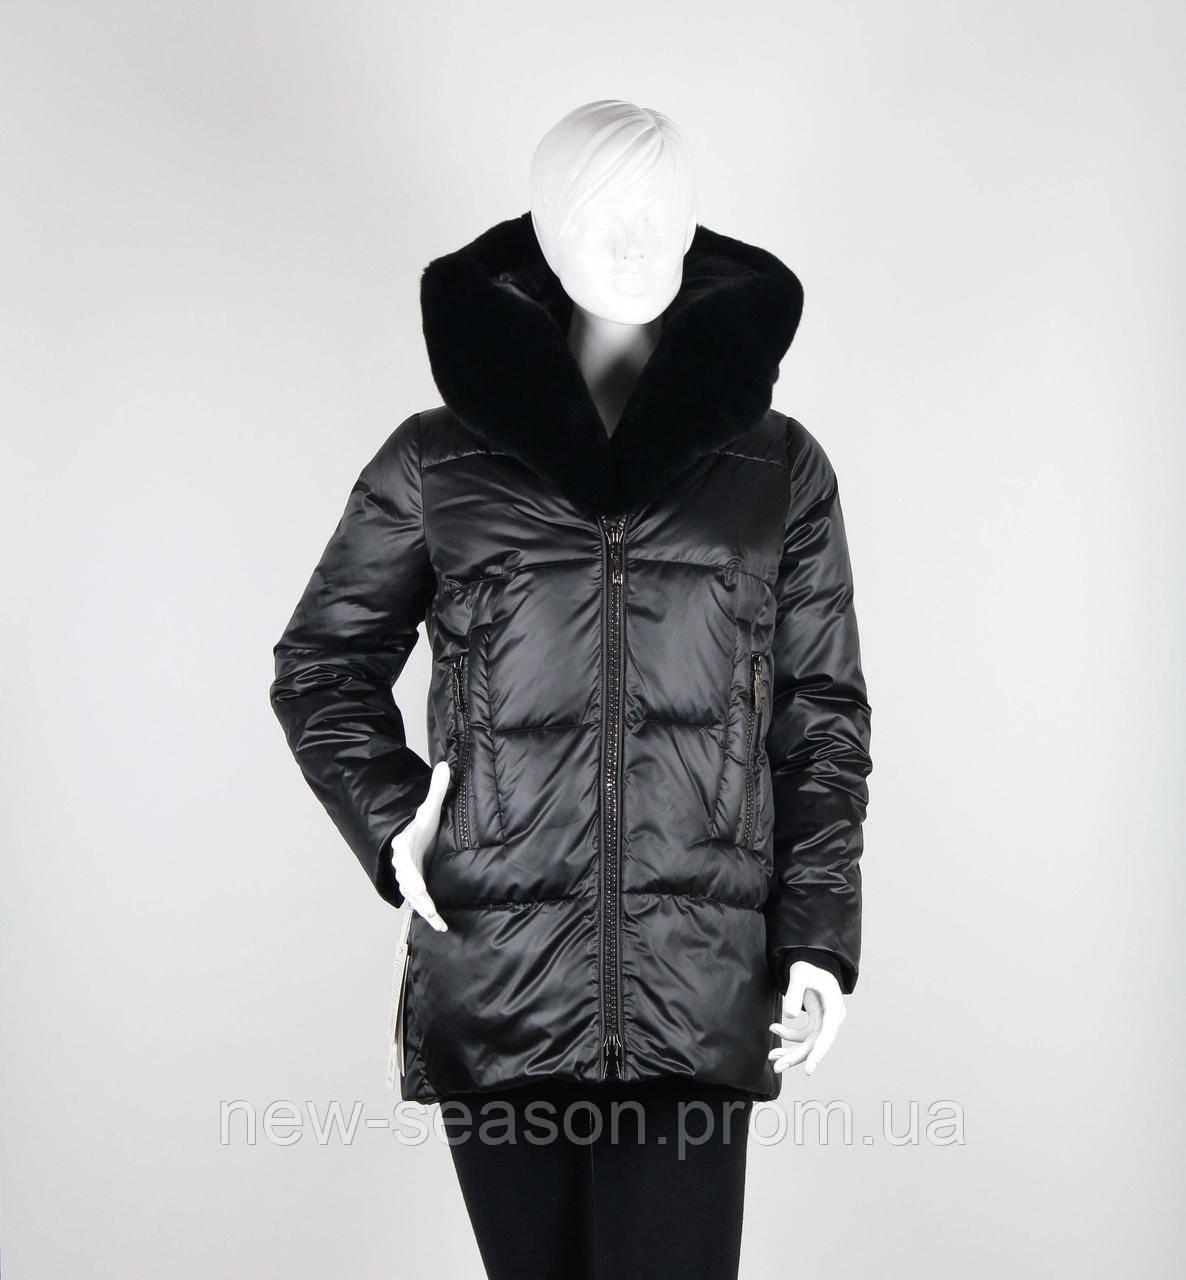 Куртка Batterflei 1932 с мехом бобрика черный